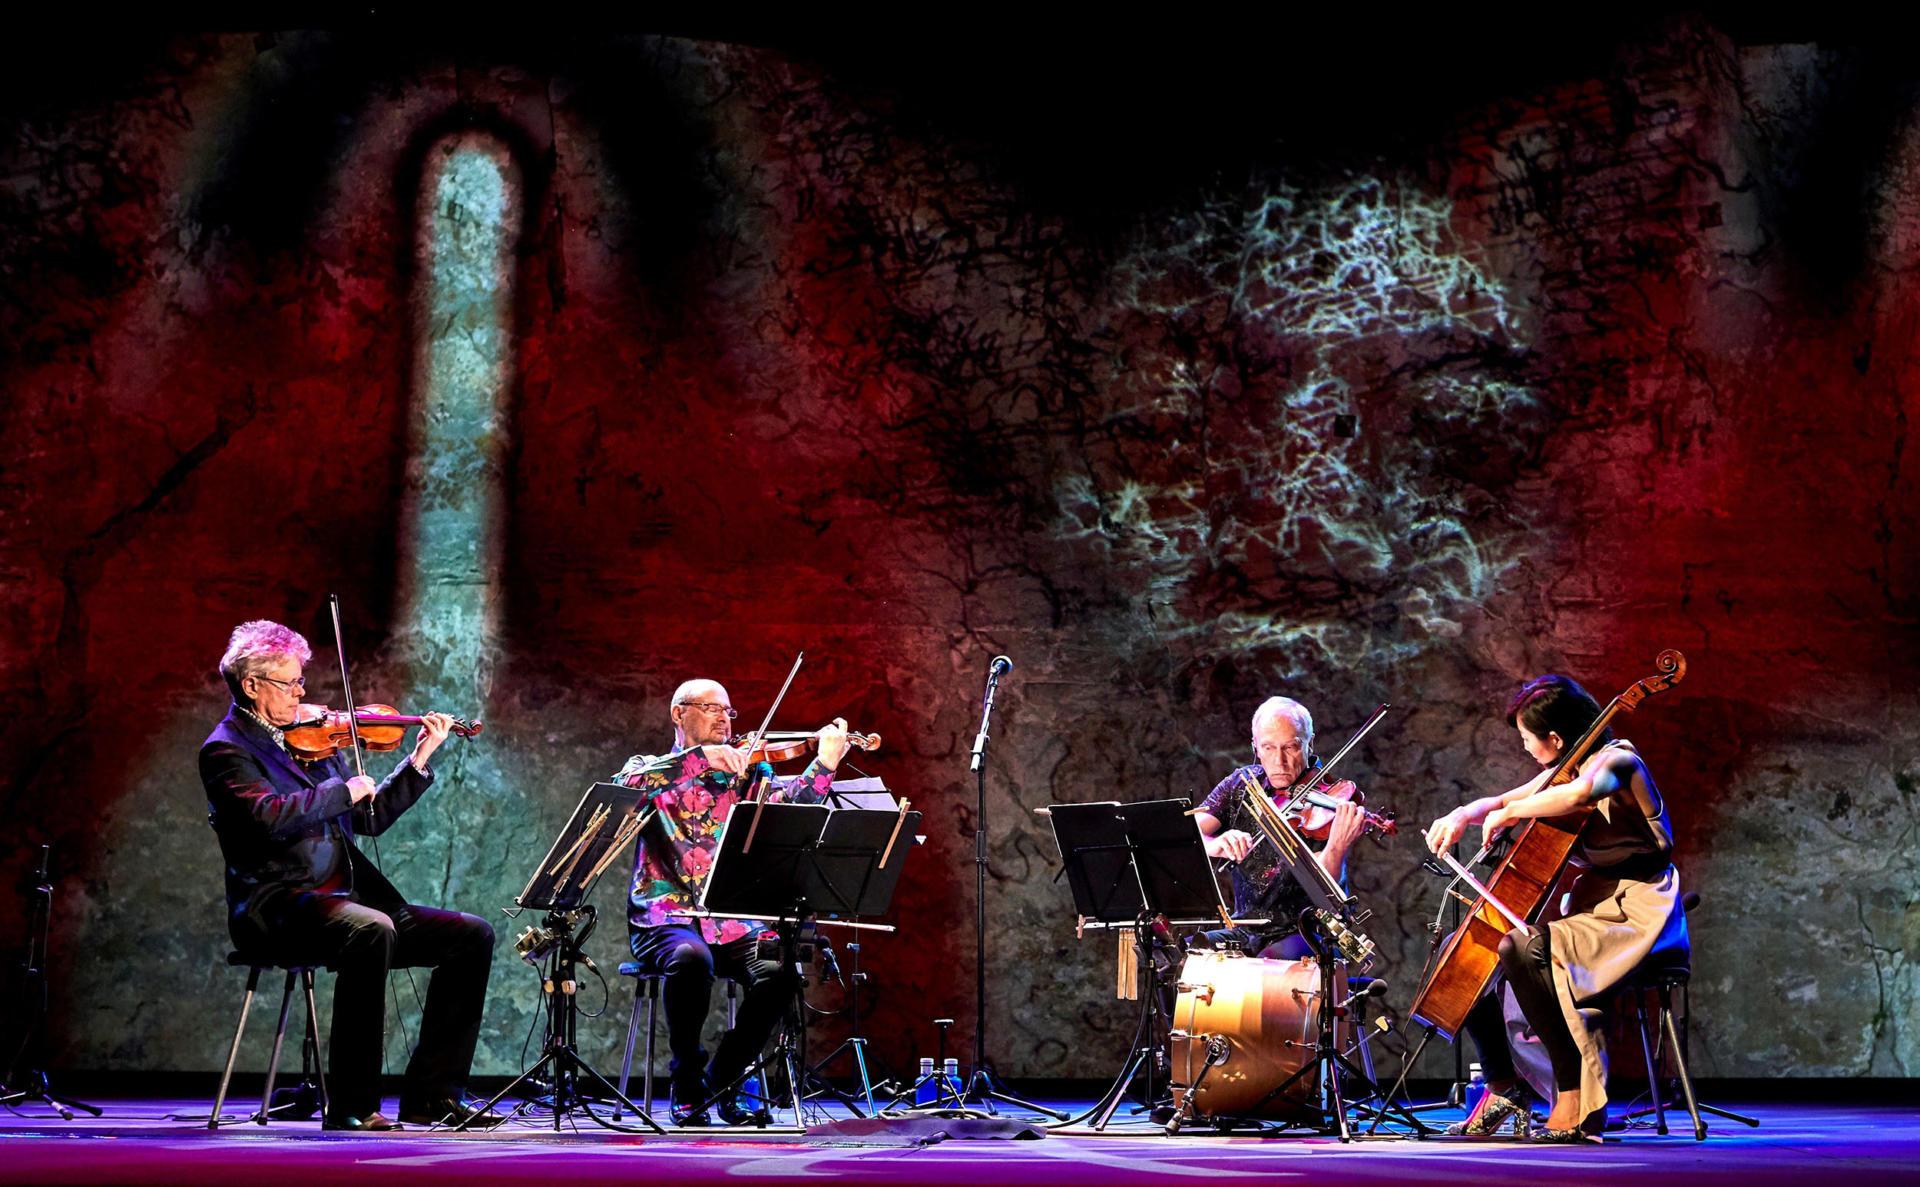 Moment de l'actuació de Kronos Quartet en la inauguració del Grec 2019, celebrat al Teatre Grec de Montjuïc, A Barcelona. Foto: EFE/Alejandro García